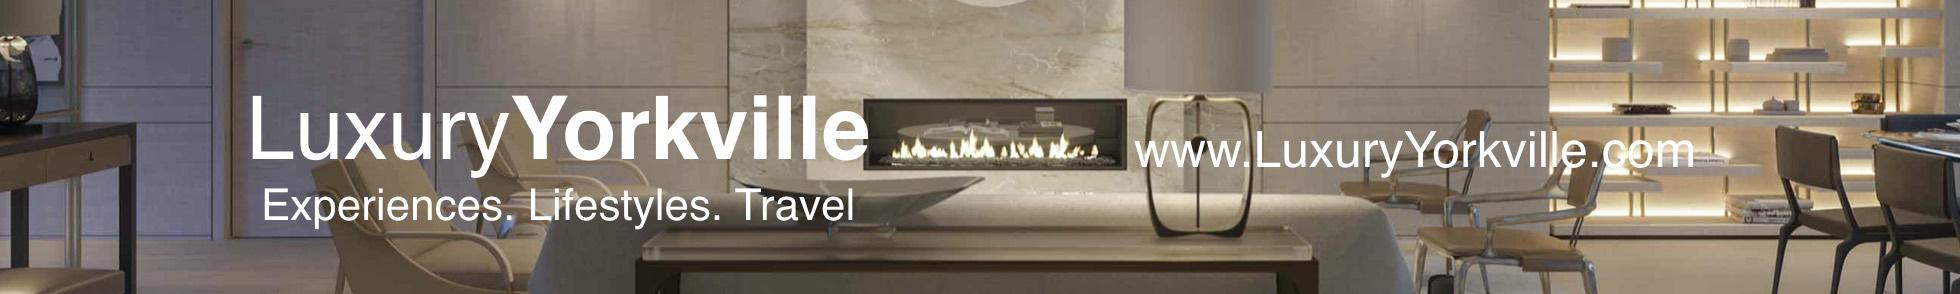 LuxuryYorkville Ad 05